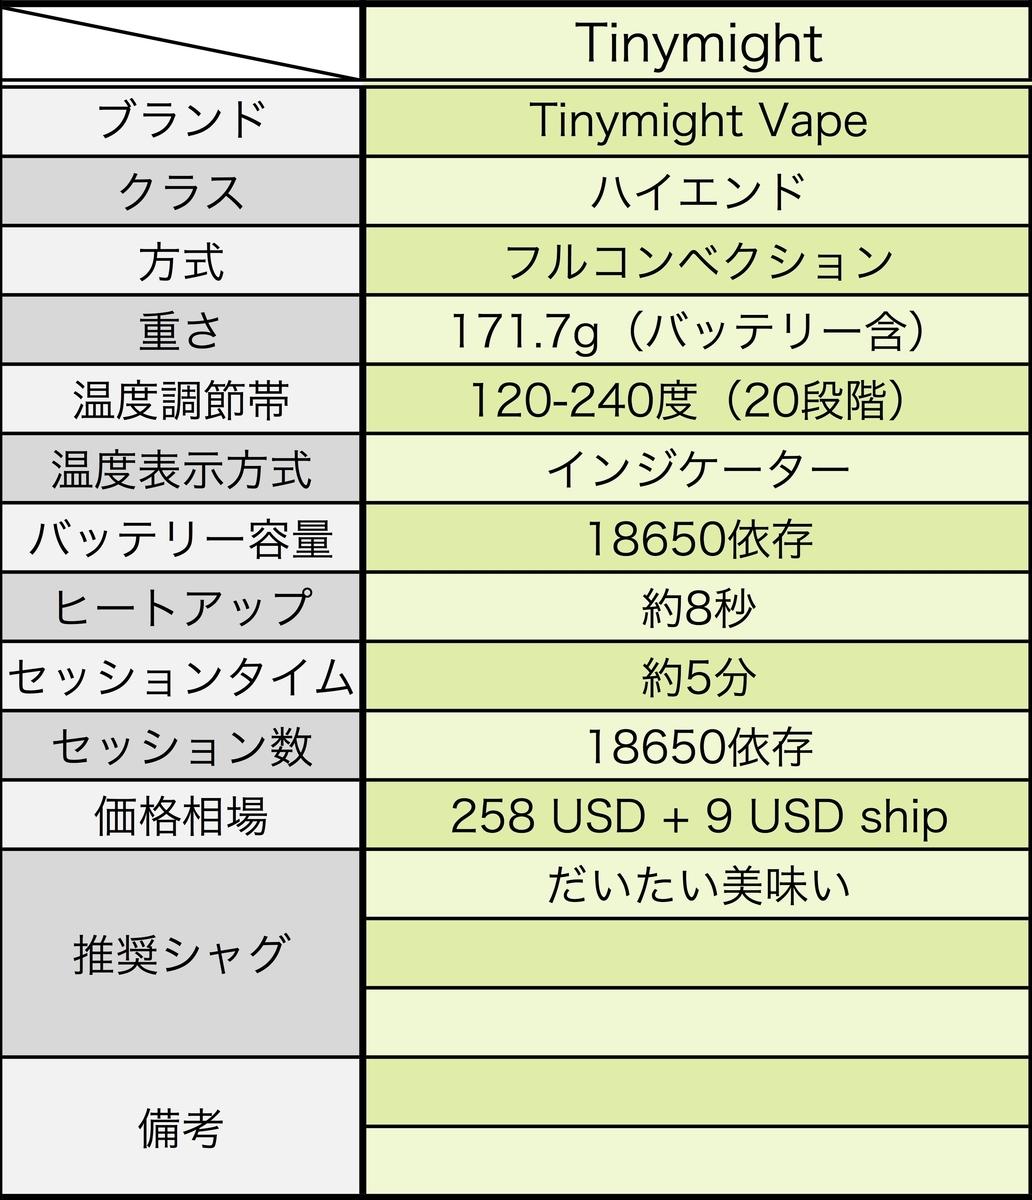 f:id:umu_umai_ojisan:20191126180219j:plain